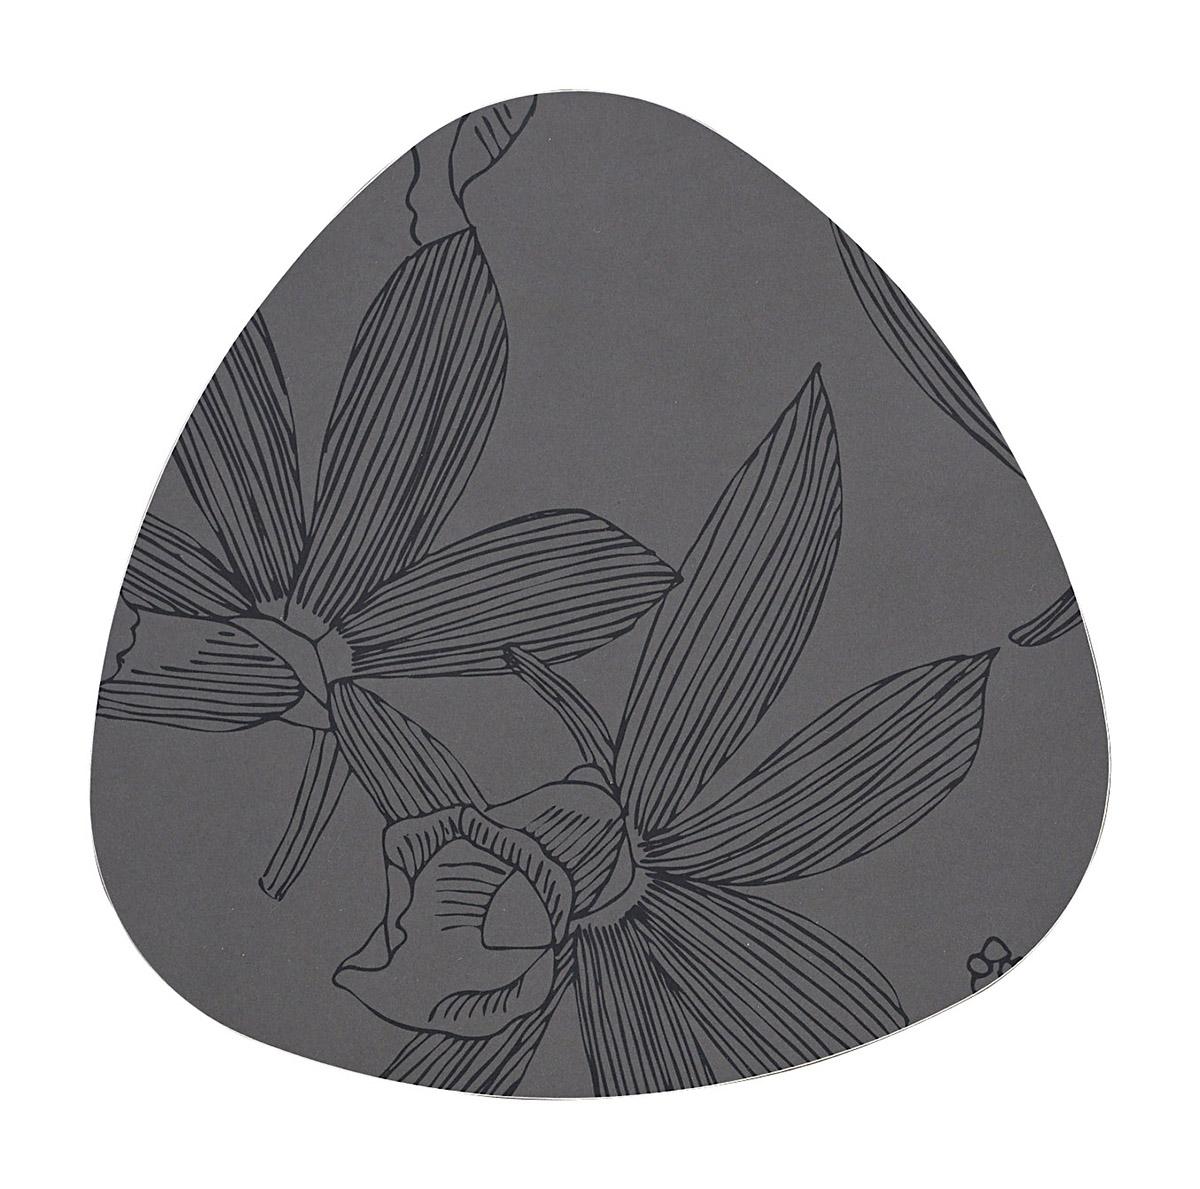 Dessous de plat en bois carbone Diam. 25